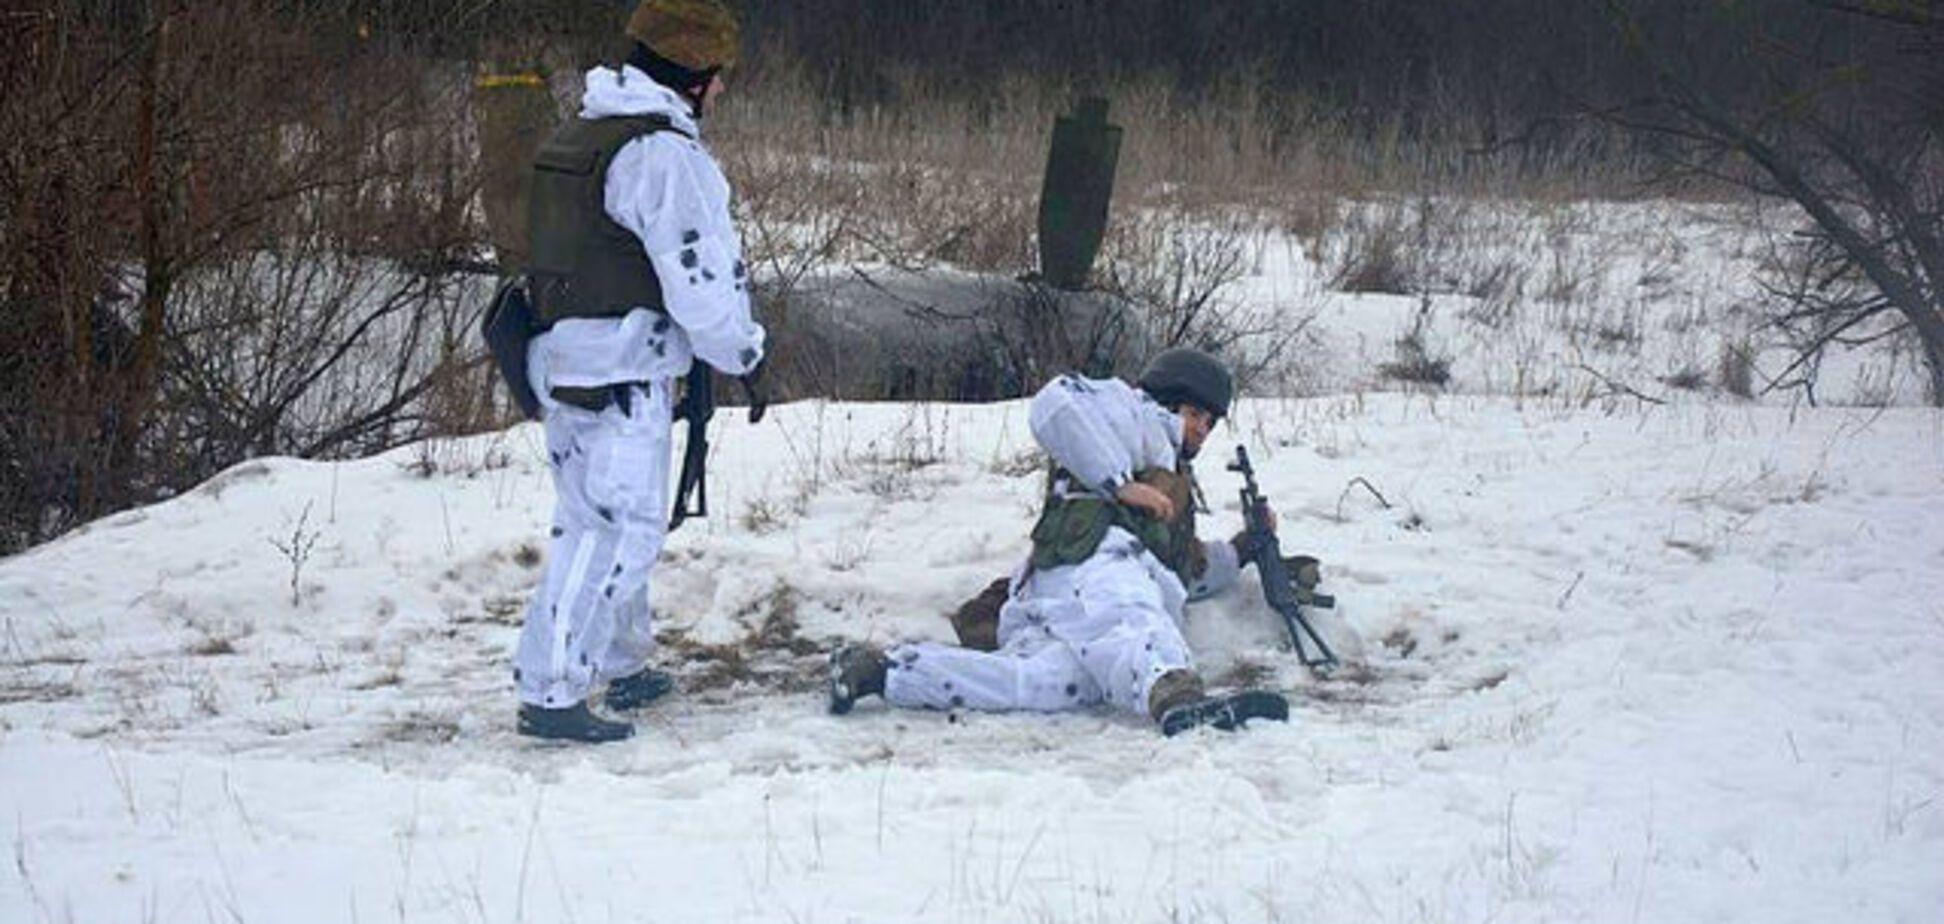 Мінус 6 окупантів: захисники України придушили ворожий вогонь на Донбасі